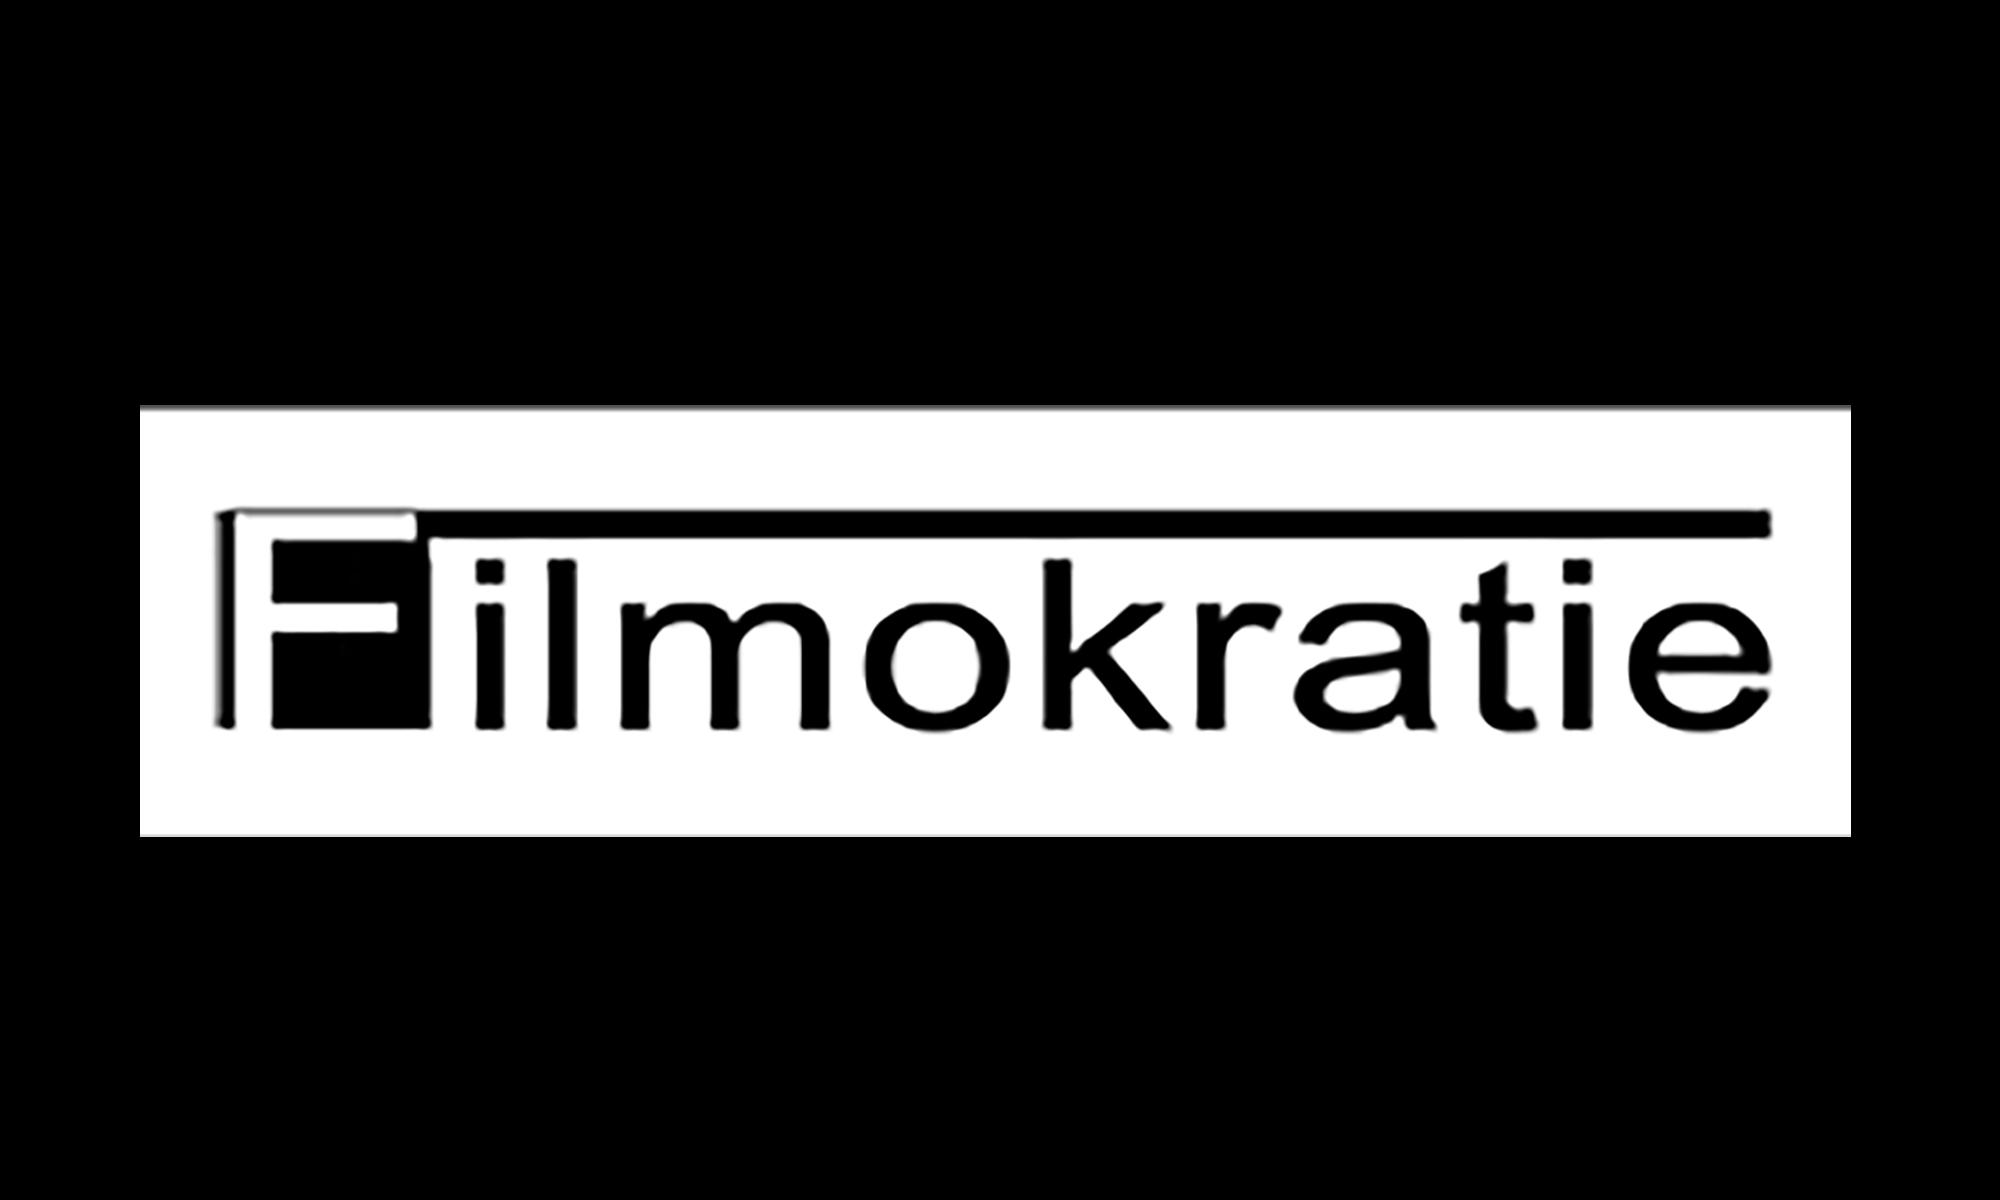 filmokratie